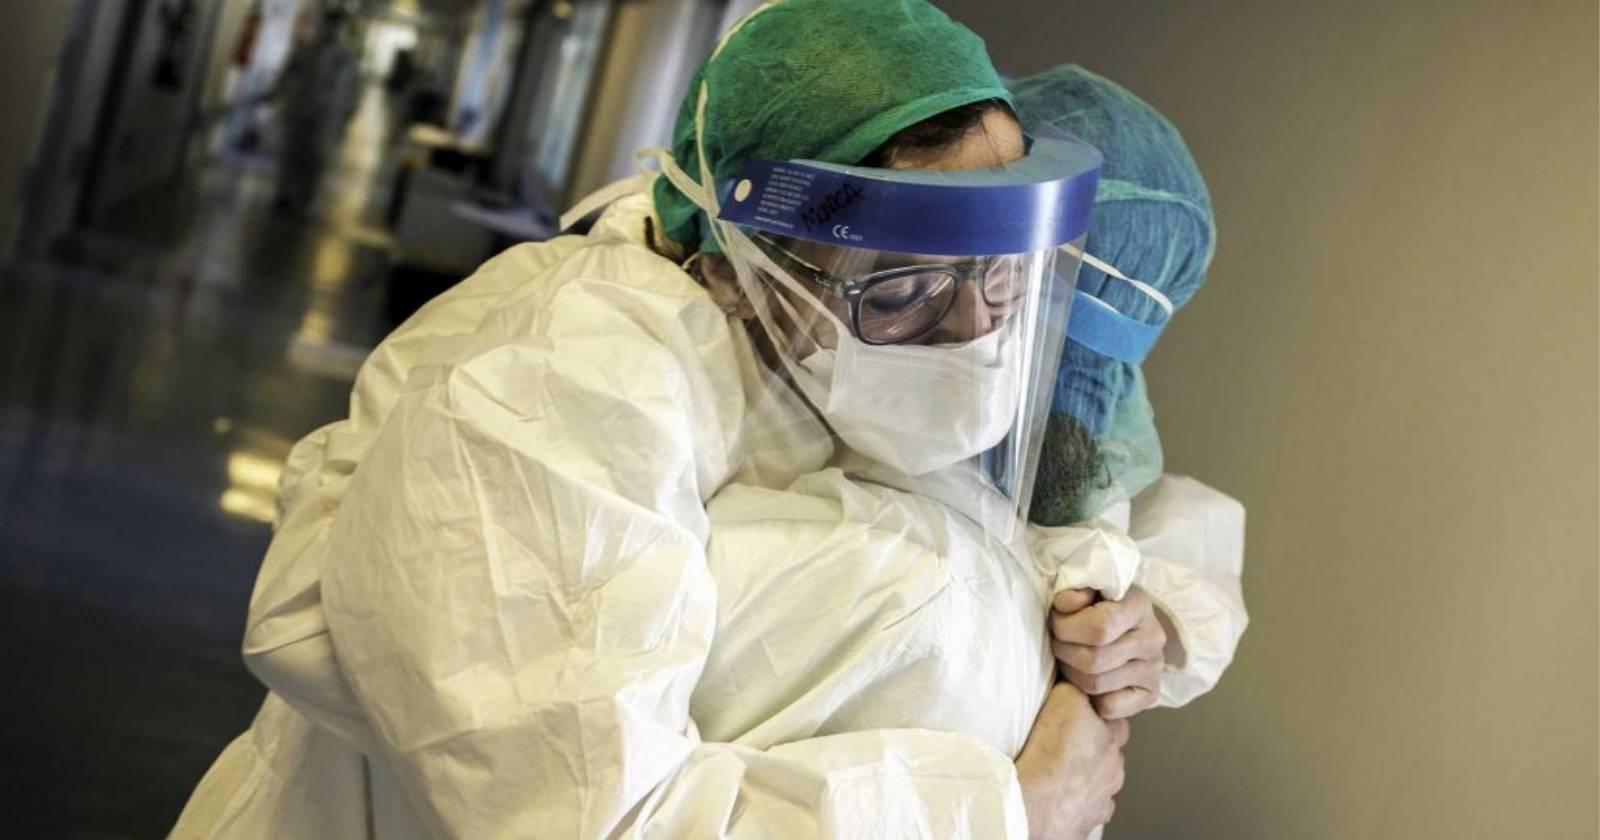 Más de 7 mil funcionarios de la salud han muerto en todo el mundo mientras atienden la pandemia